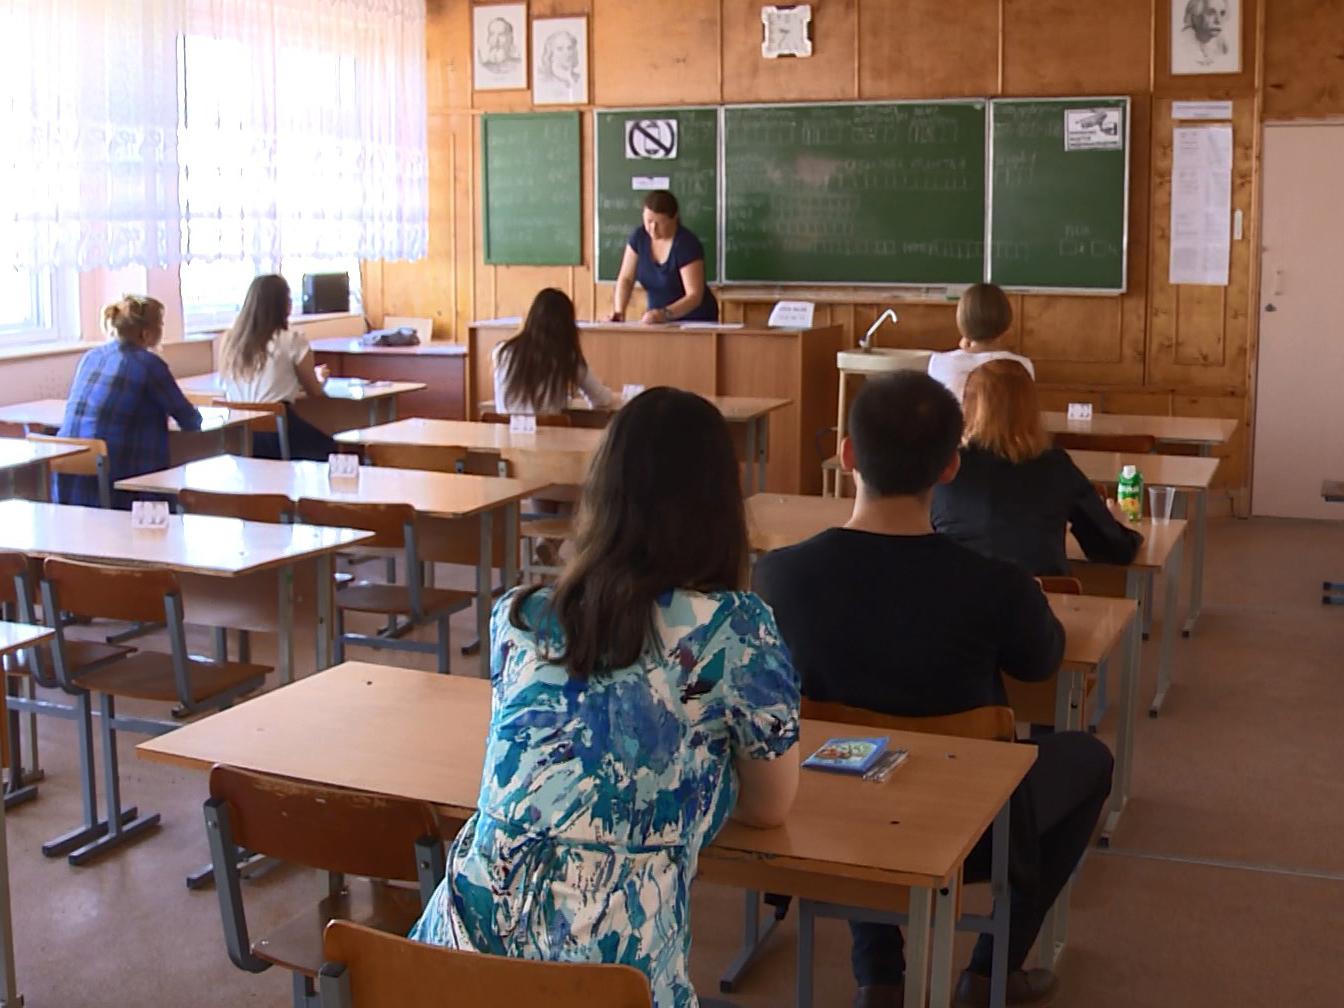 ВПермском крае 12 тыс. школьников сдадут в2015-м году ЕГЭ